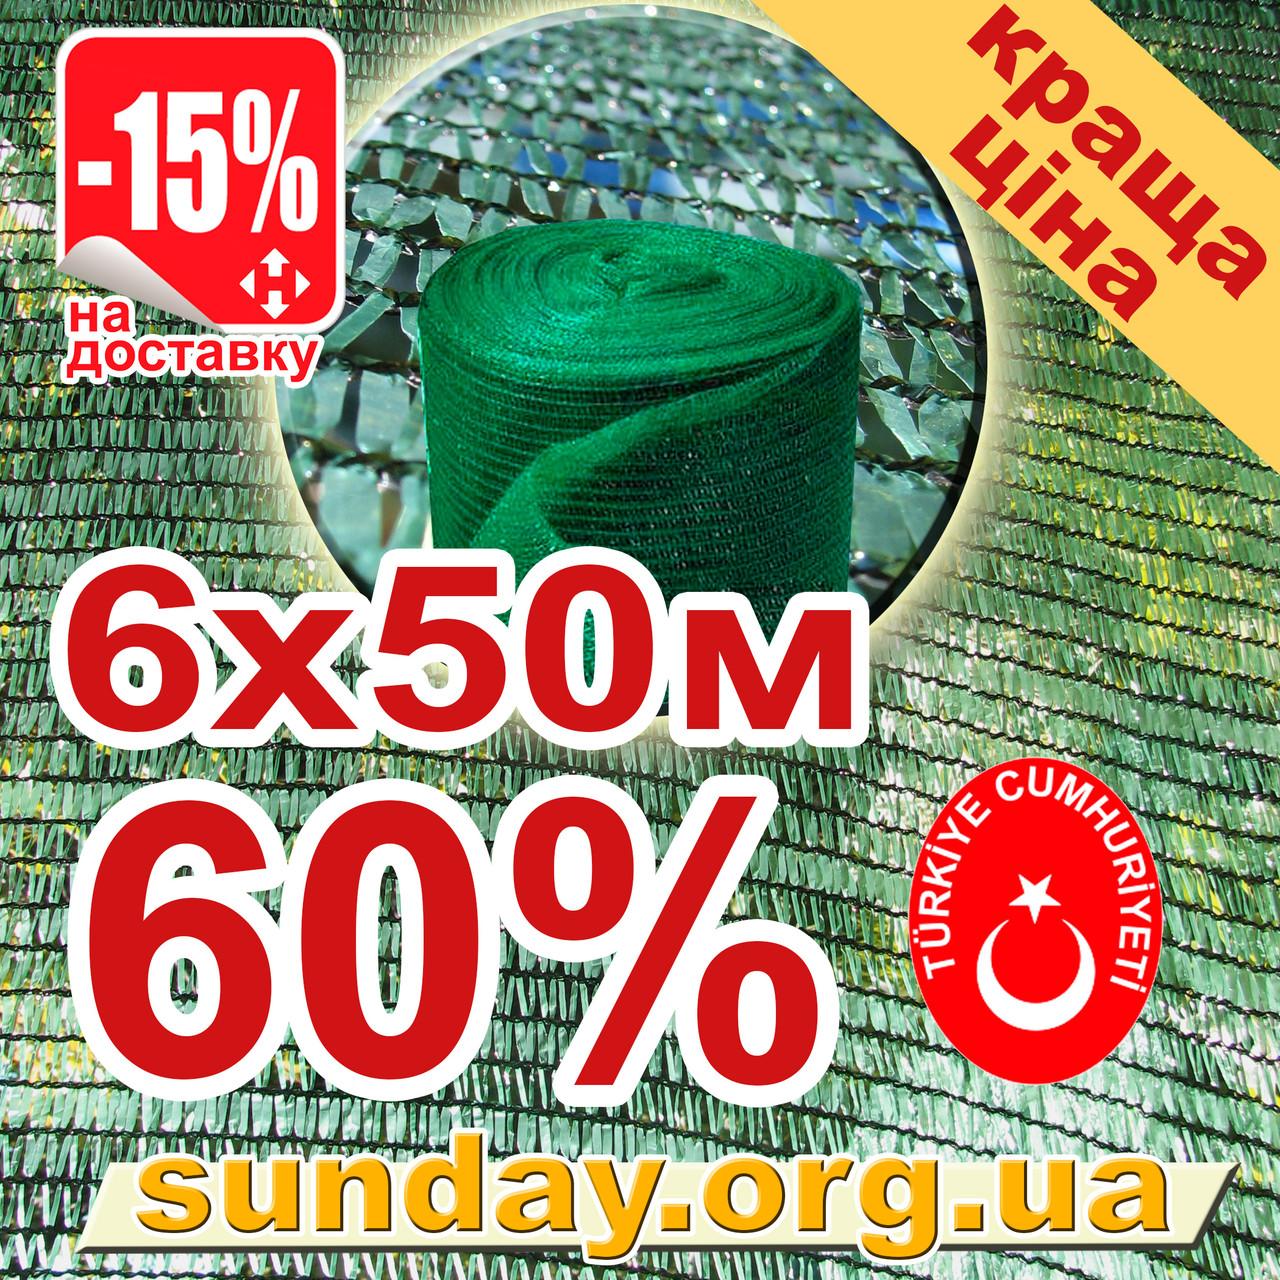 Сетка затеняющая, маскировочная РУЛОН 6*50метров 60% Турция